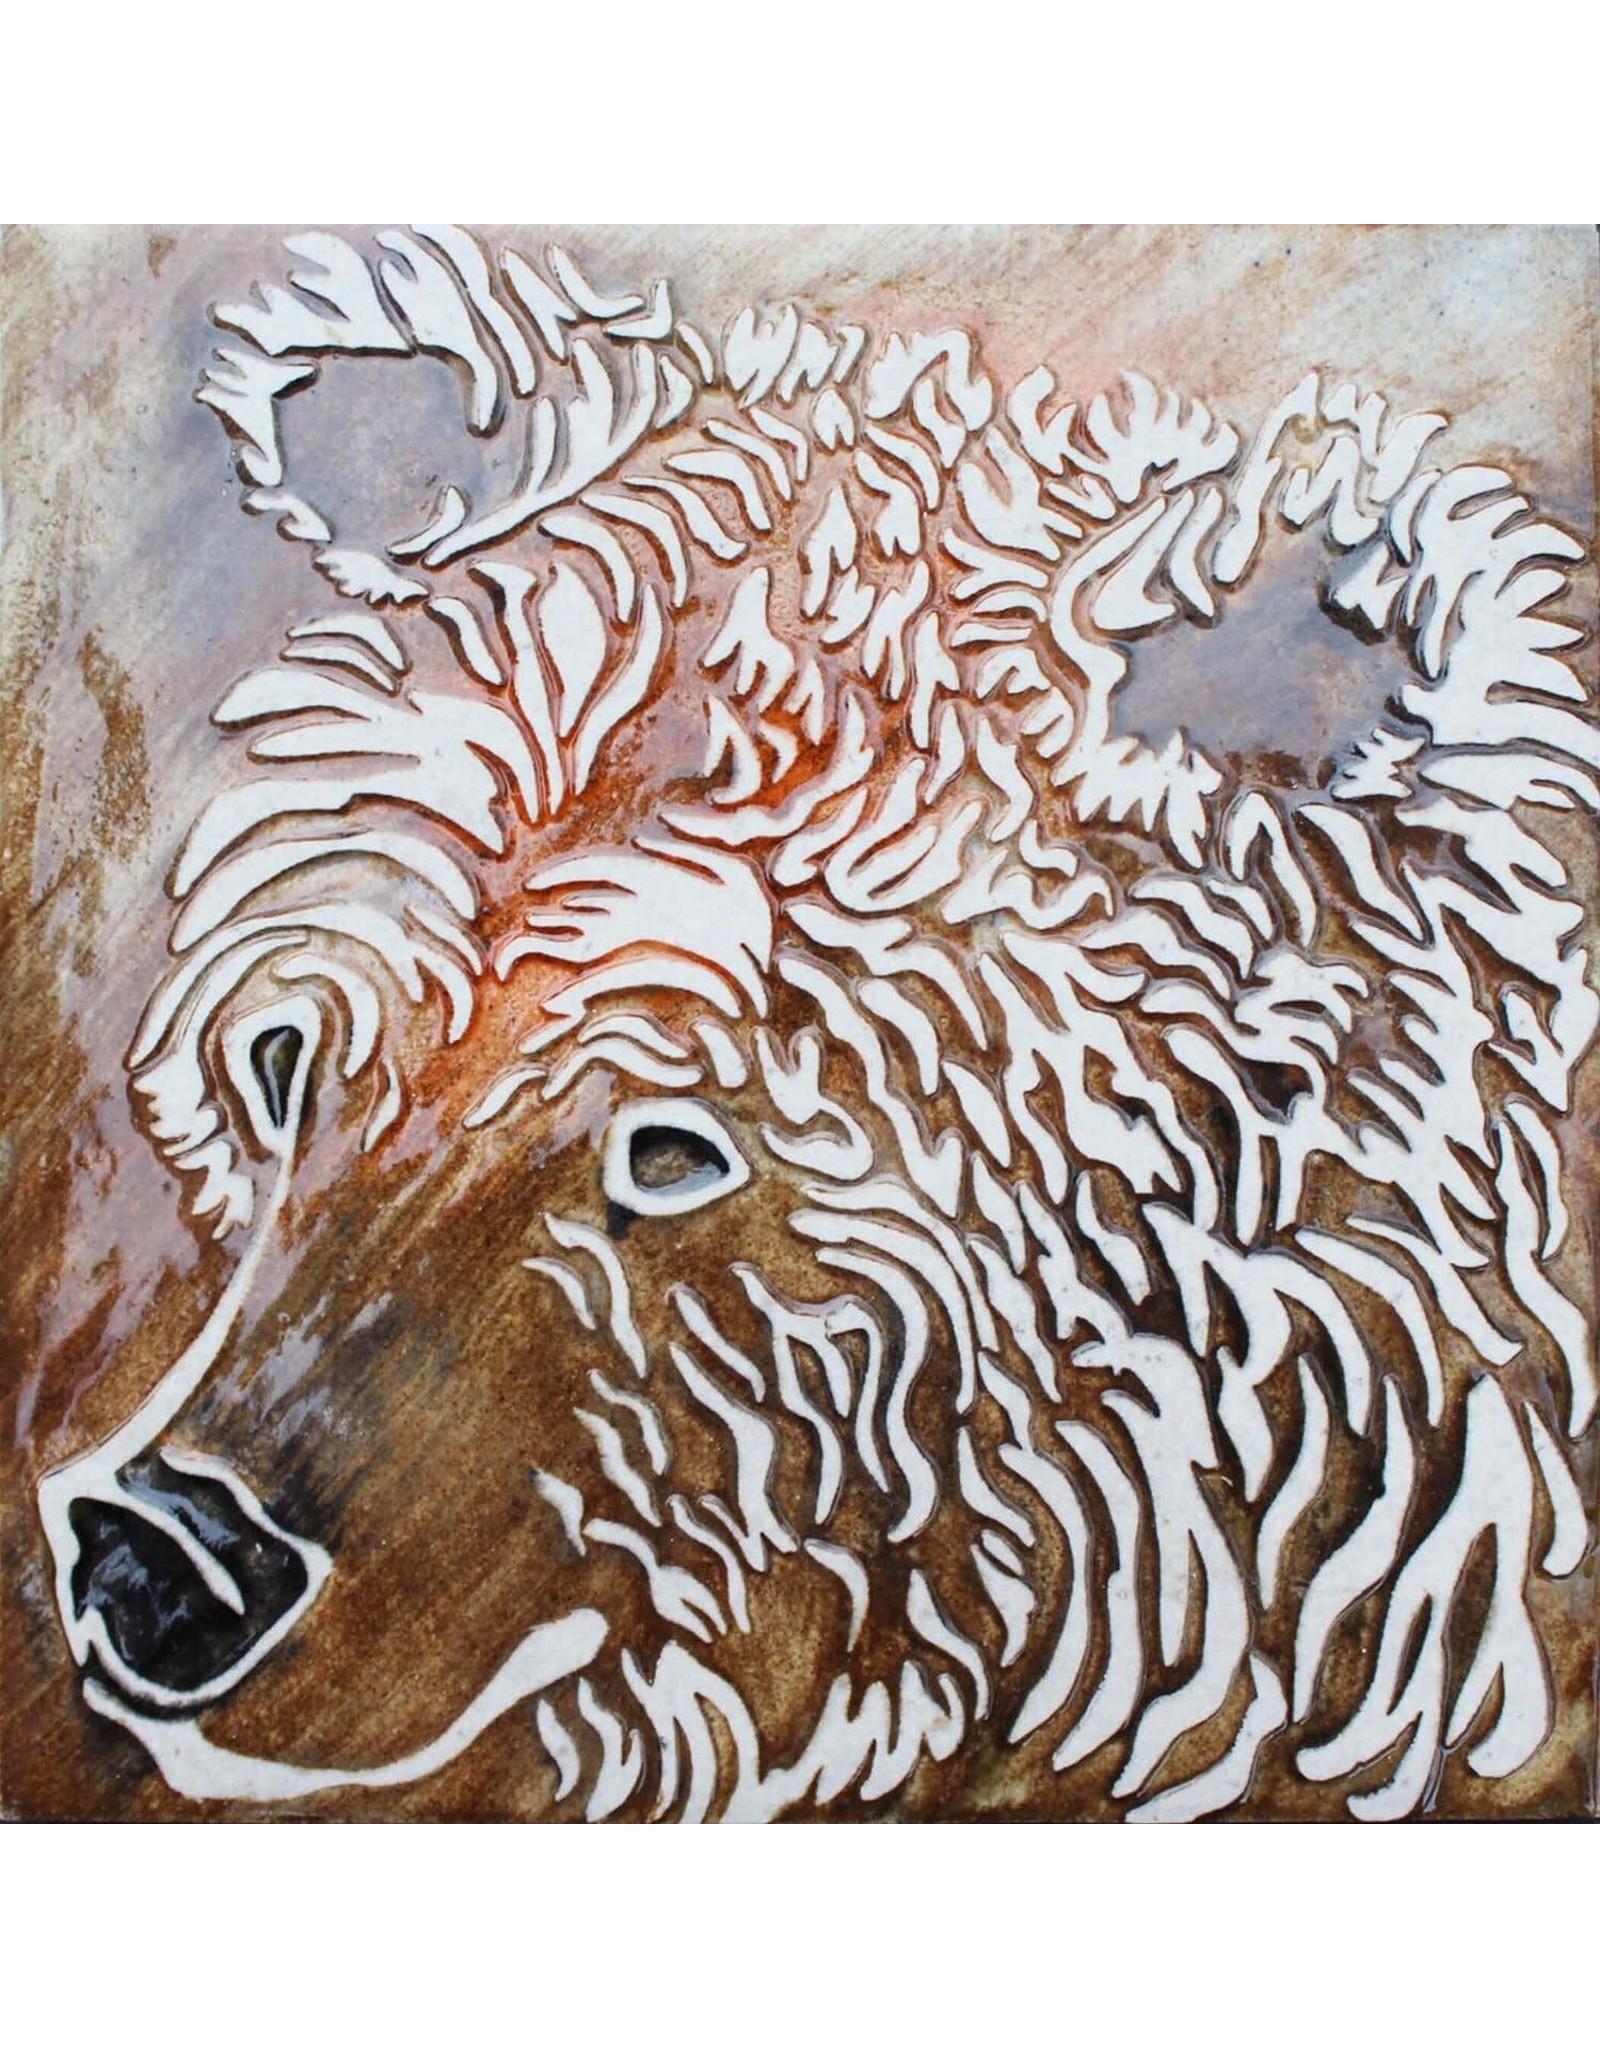 Brecht Studio Tile Trivet (grizzly) | Brecht Studio